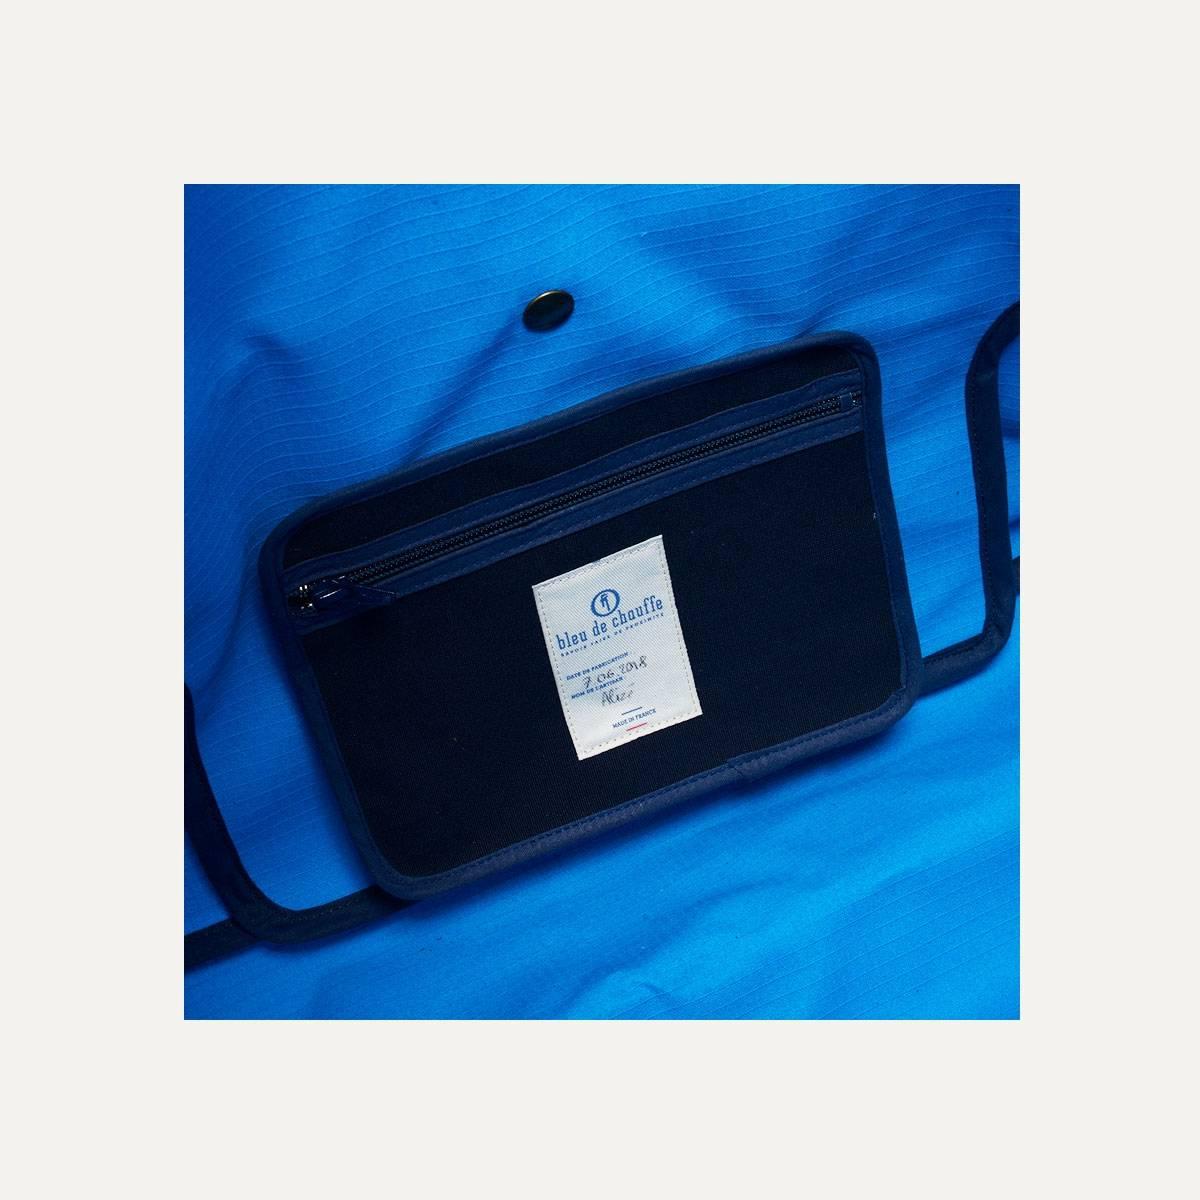 Cabine Travel bag  - Regentex Blue (image n°7)